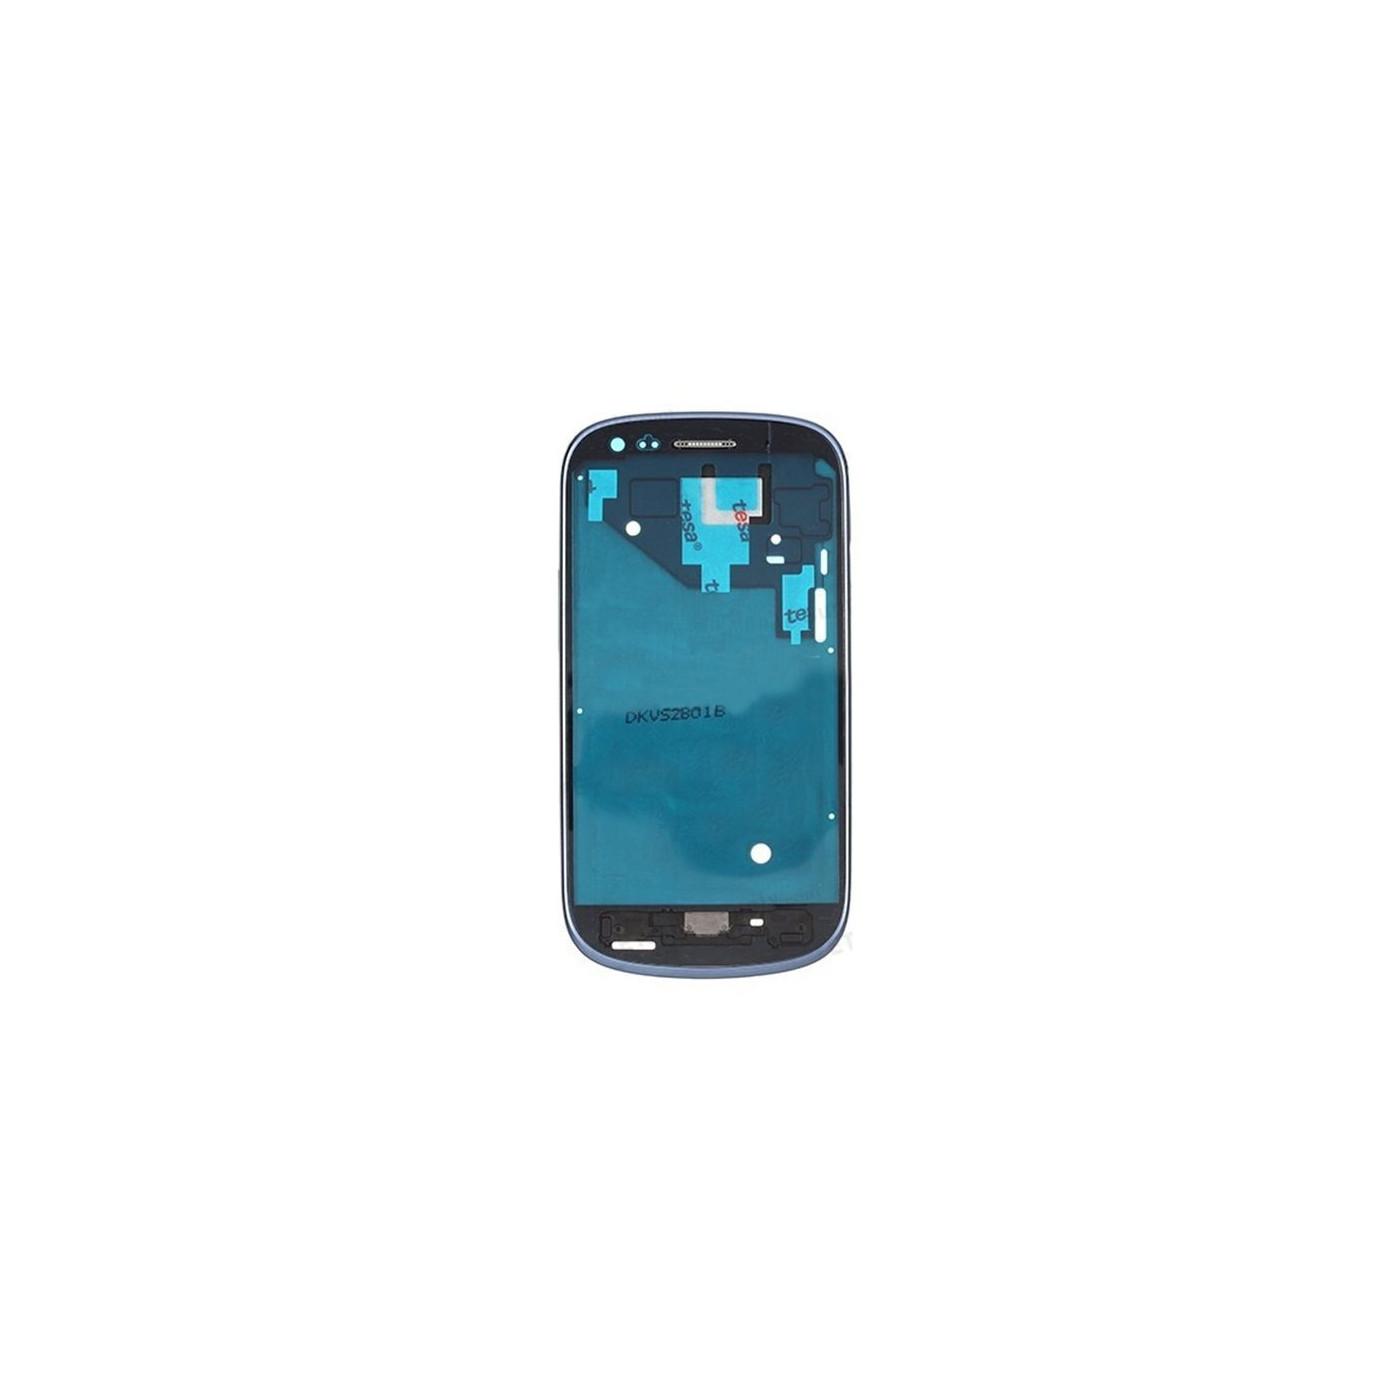 Frame Telaio Scocca Cornice Centrale per Samsung Galaxy S3 mini I8190 Blu